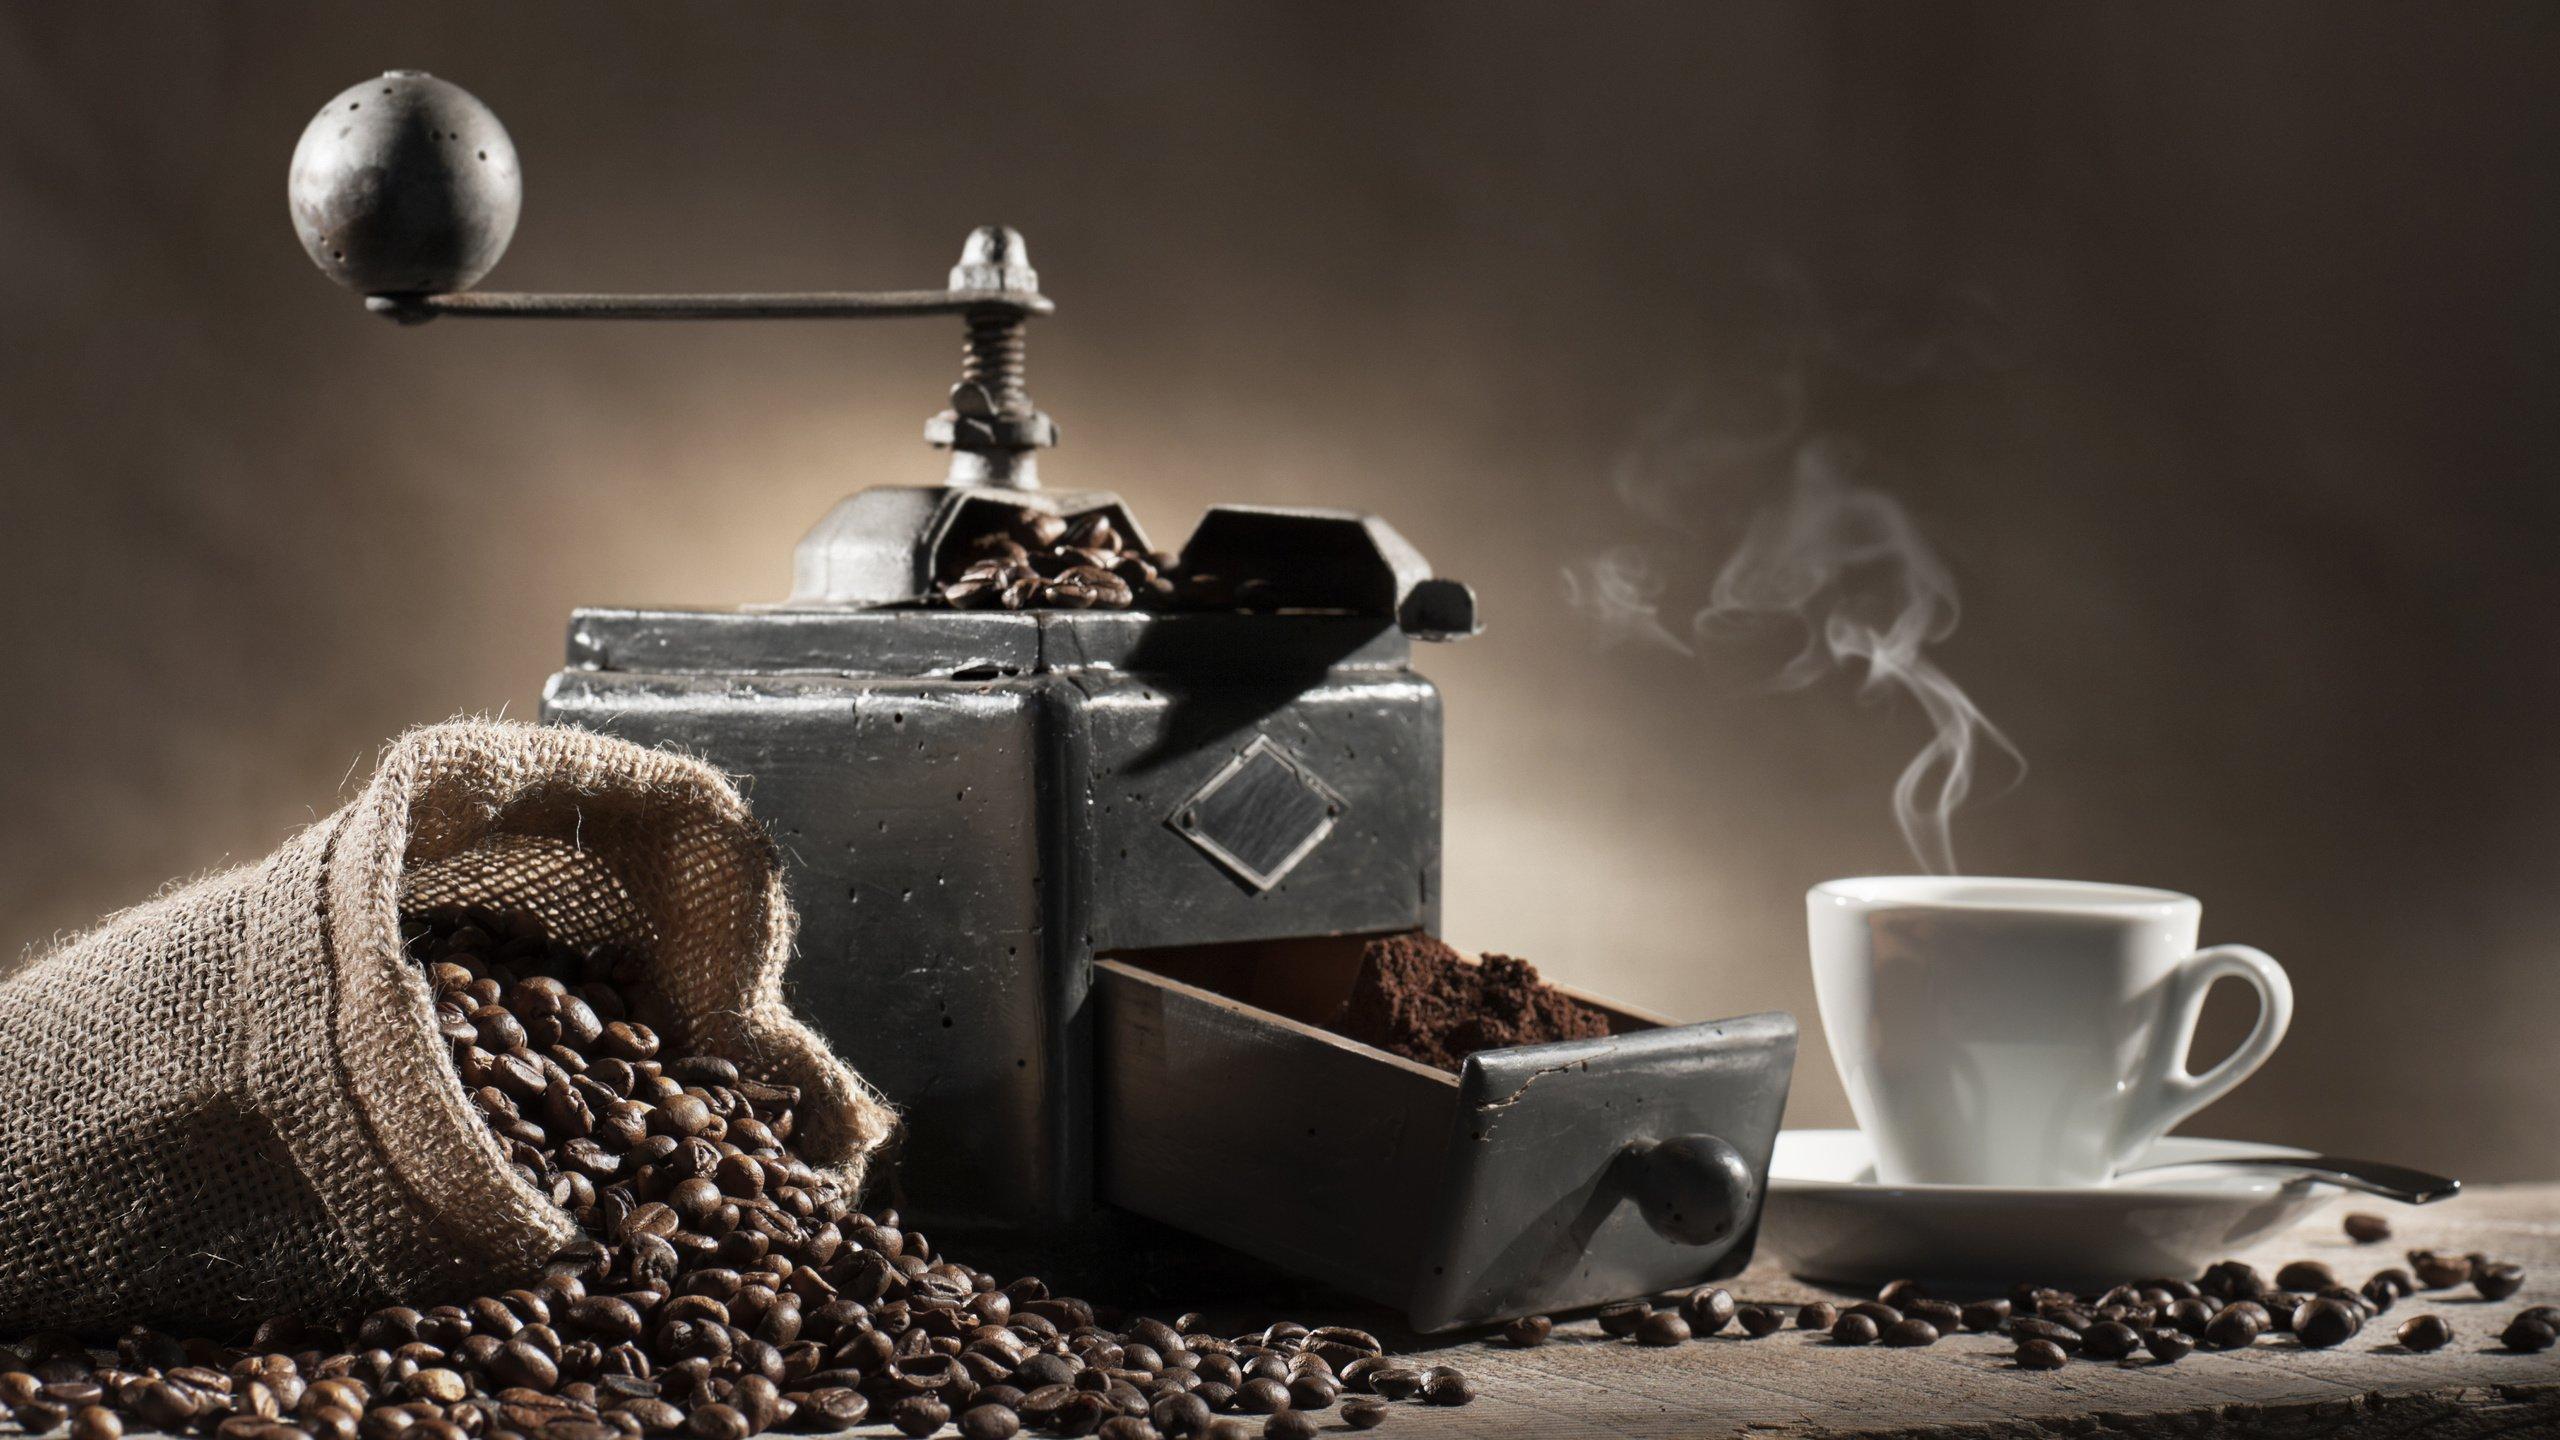 картинки кофе и кофемолка ясновидицы пример